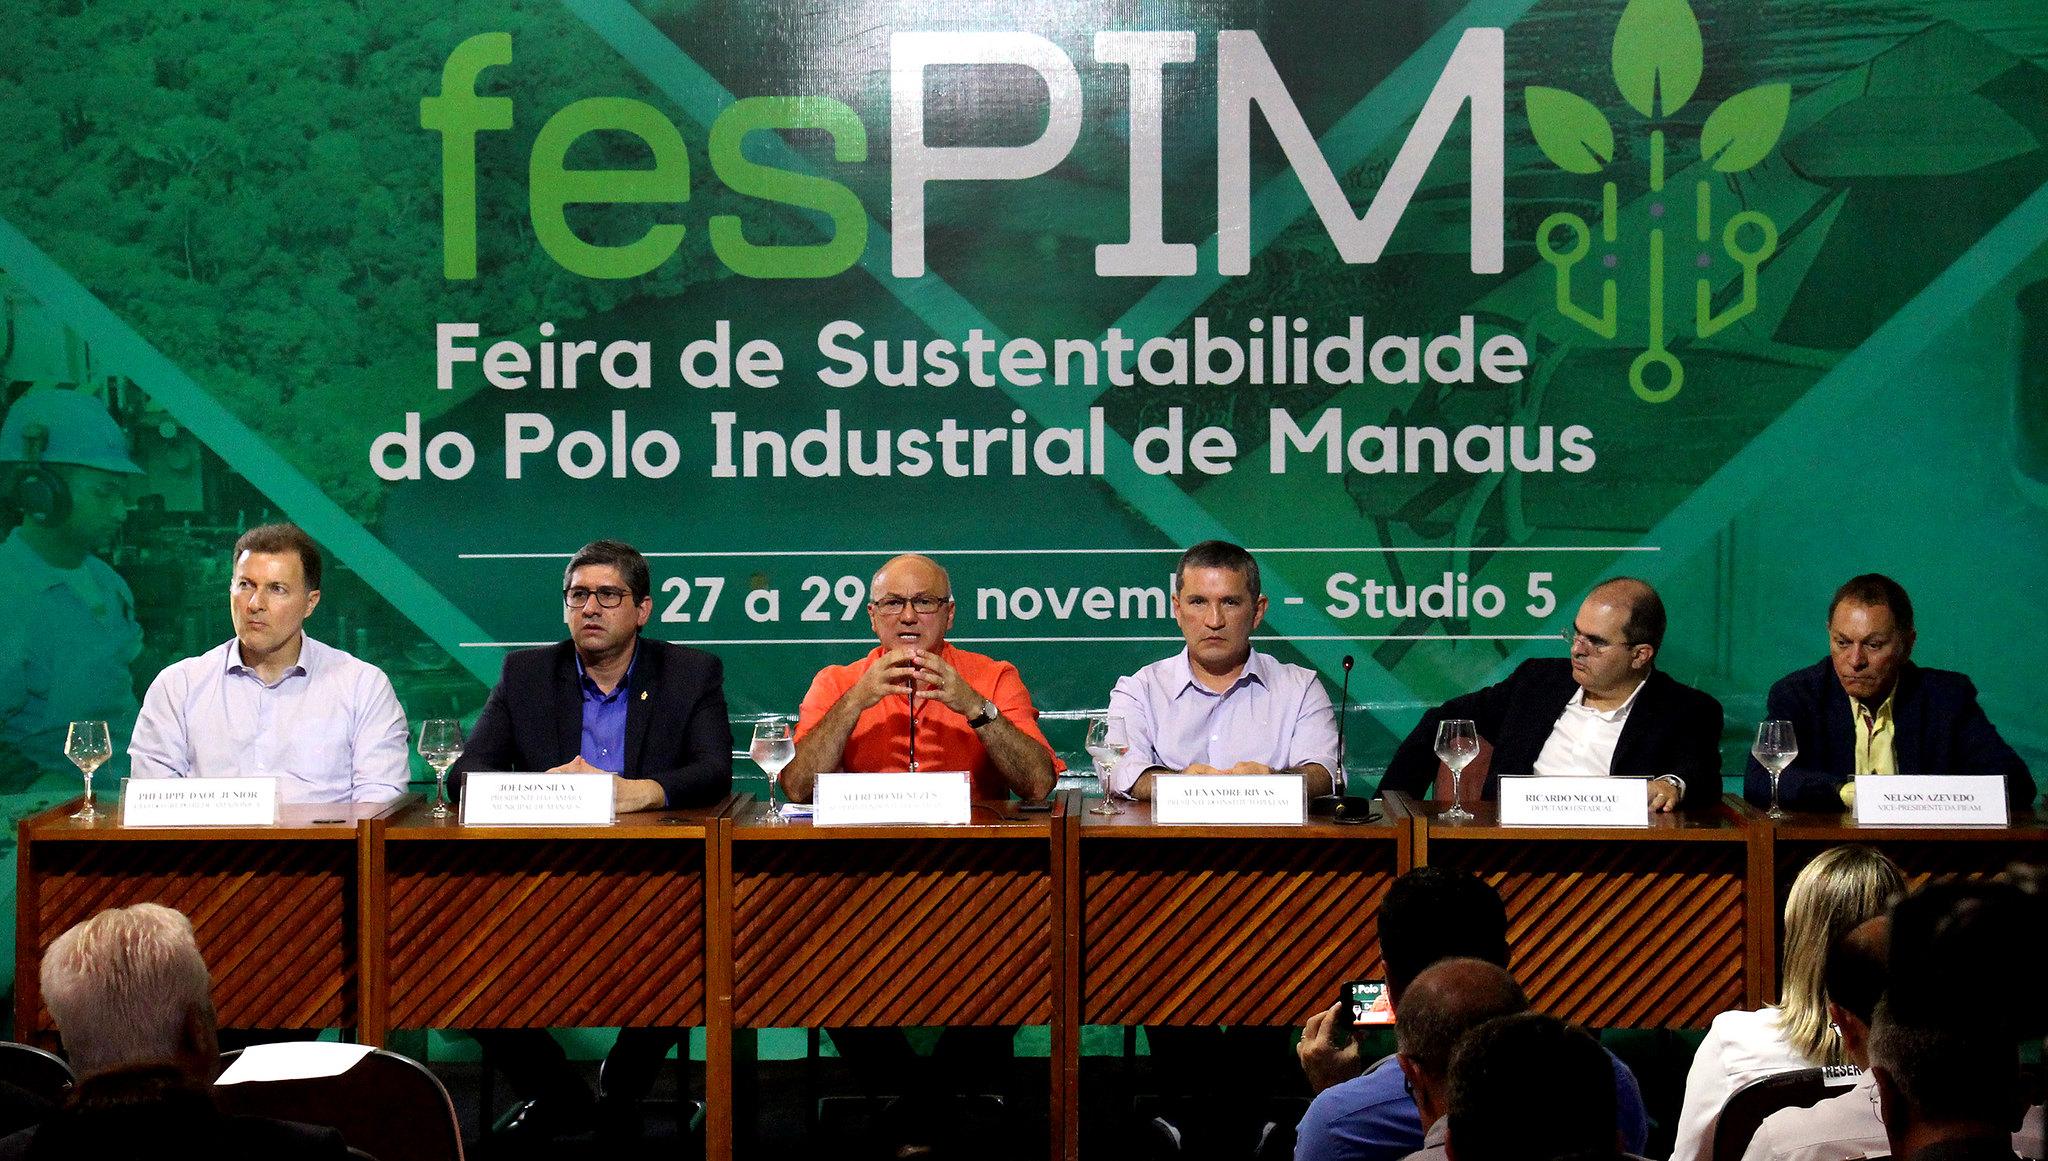 I Feira de Sustentabilidade do Polo industrial de Manaus (fesPIM)